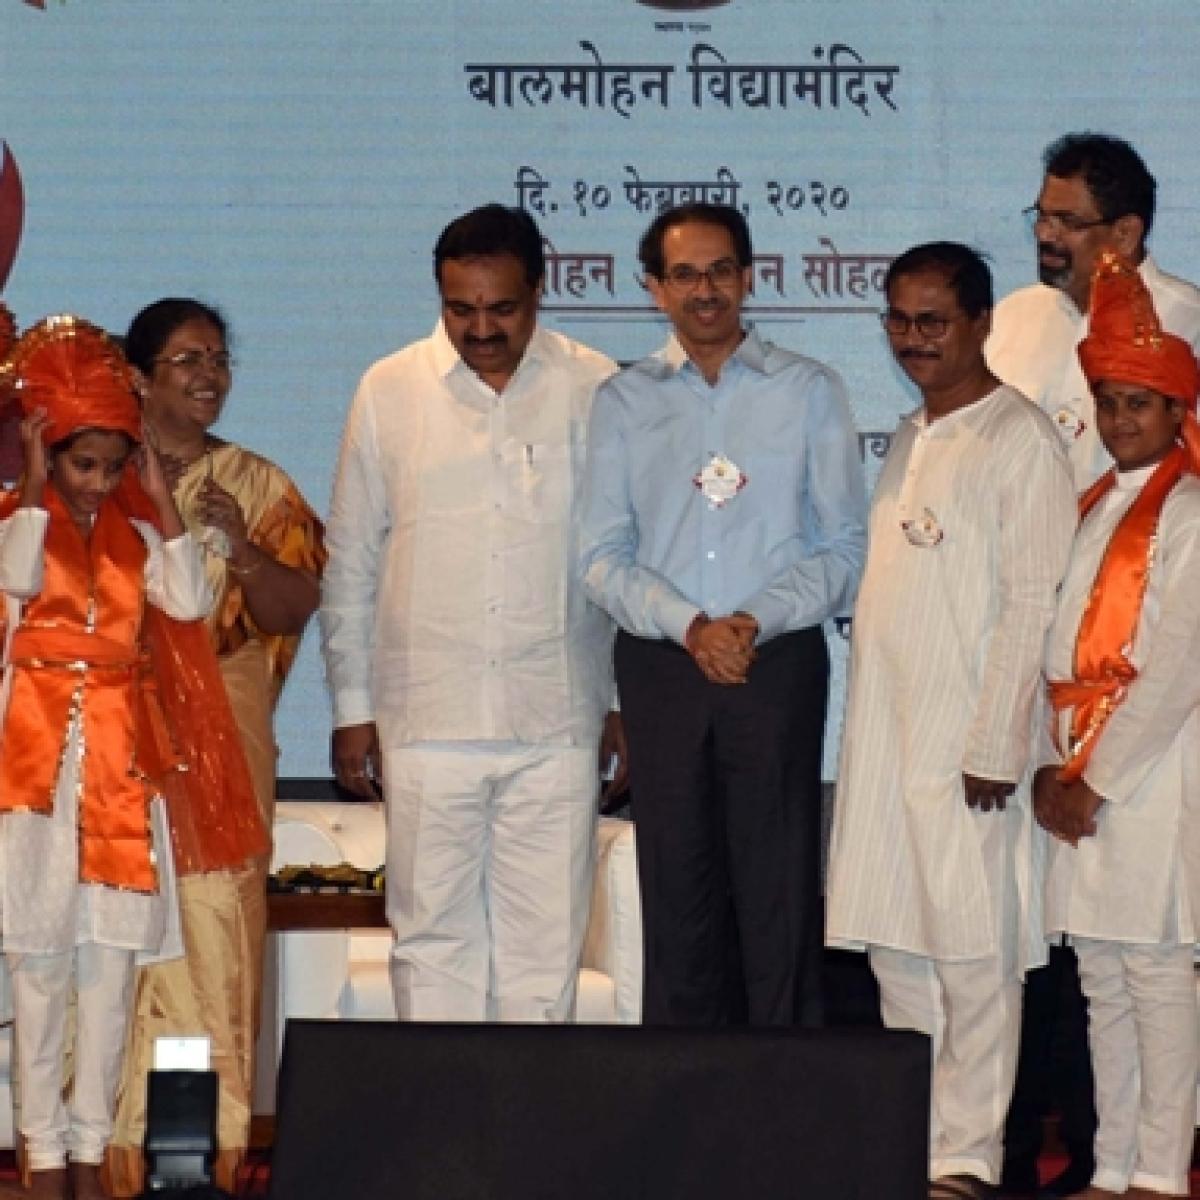 Maharashtra CM Uddhav Thackeray picks Matoshree over Varsha